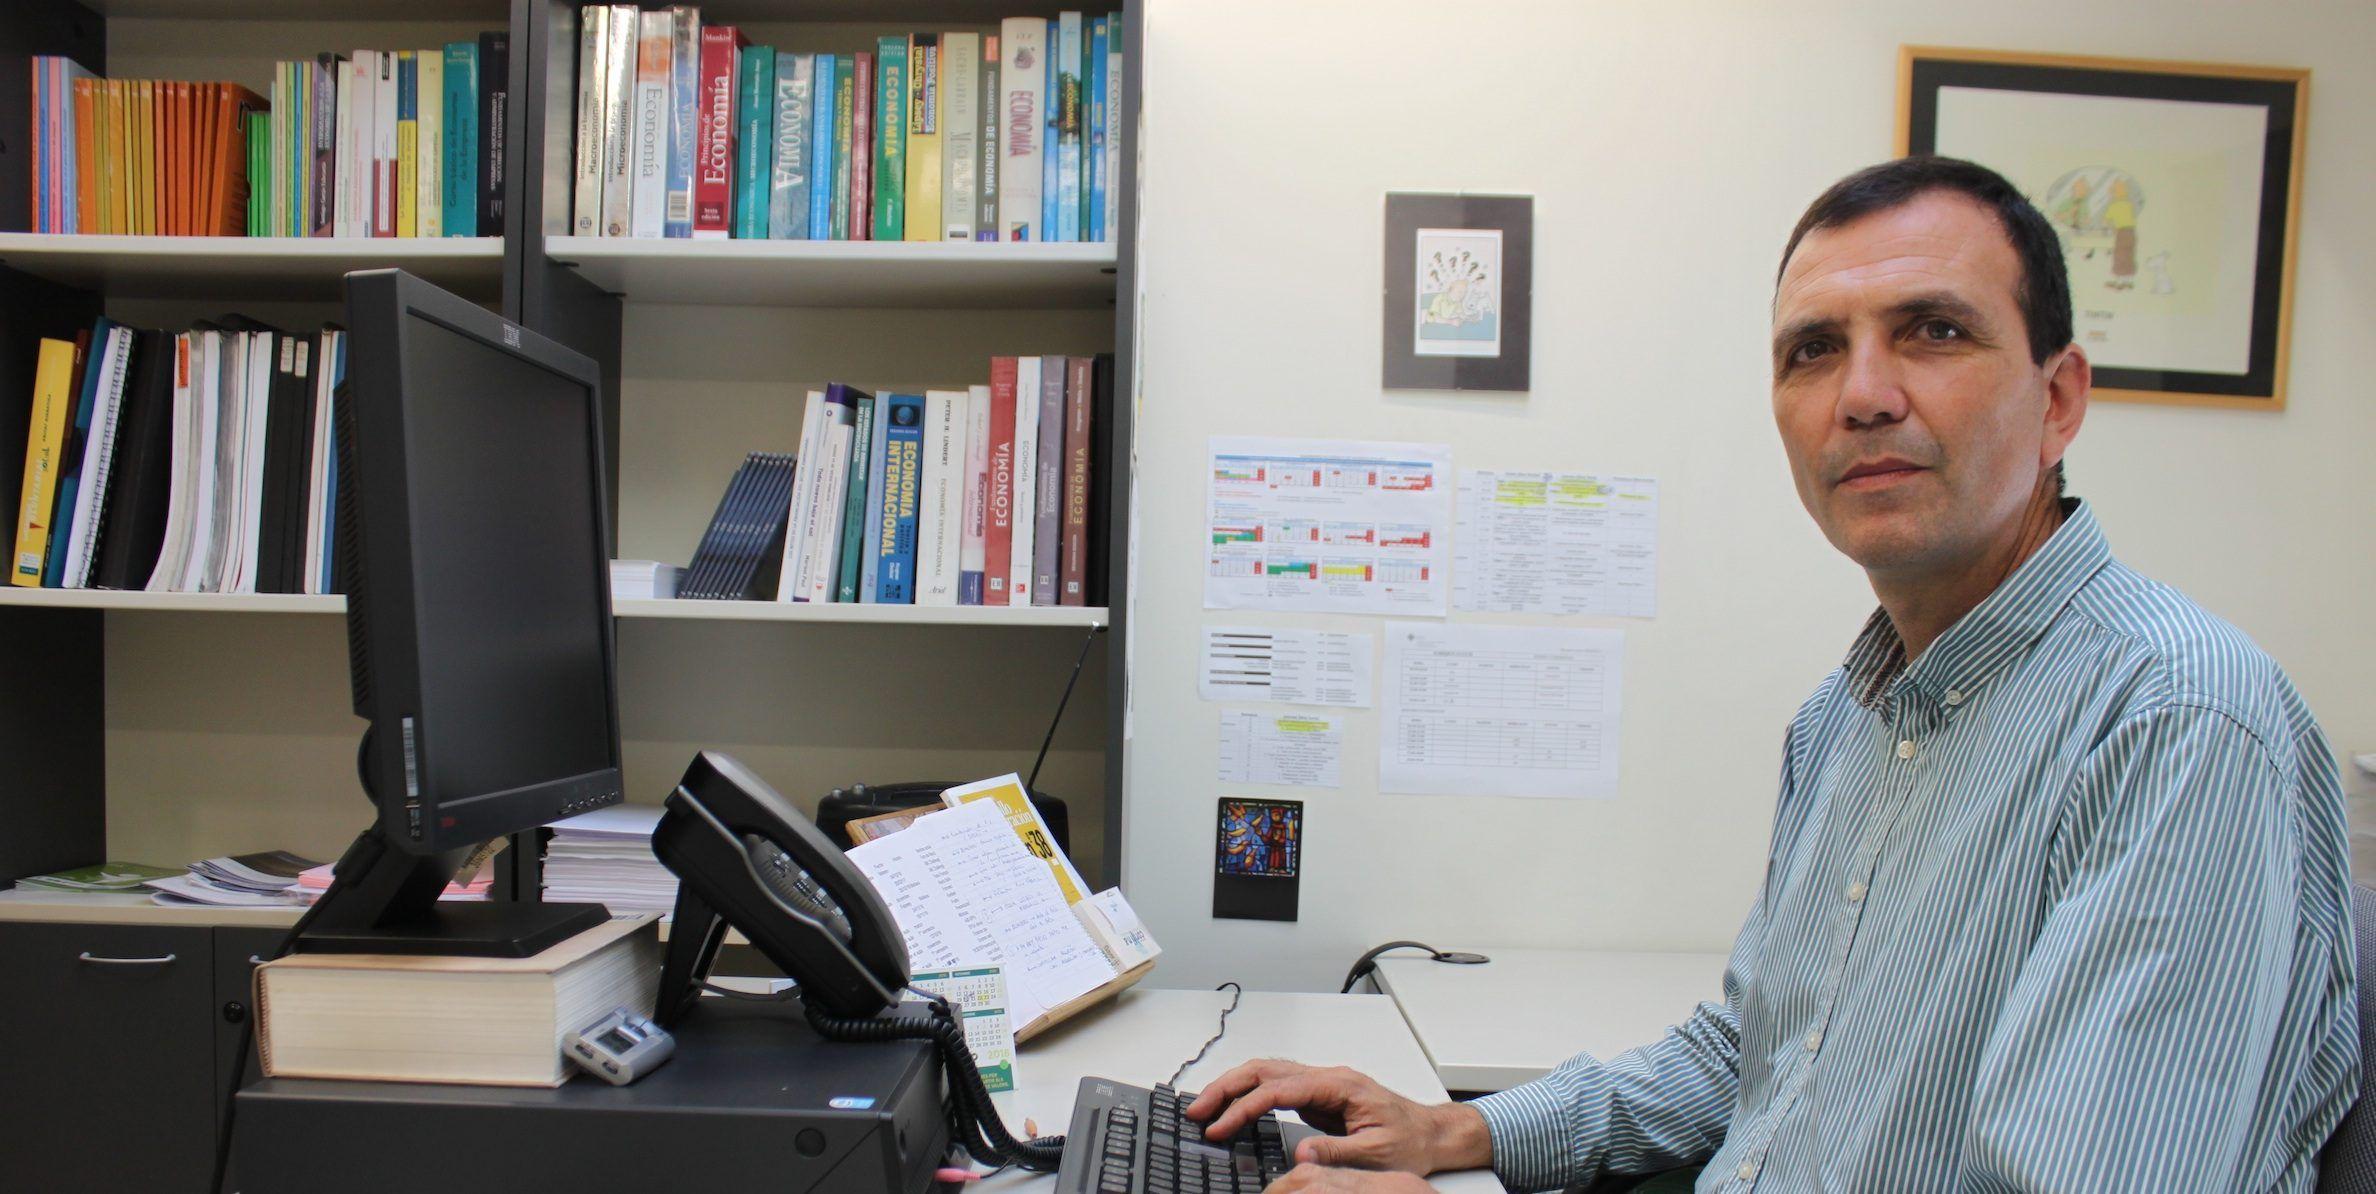 El profesor Enrique Lluch Frechina, director del Departamento de Economía y Empresa de la CEU-UCH.